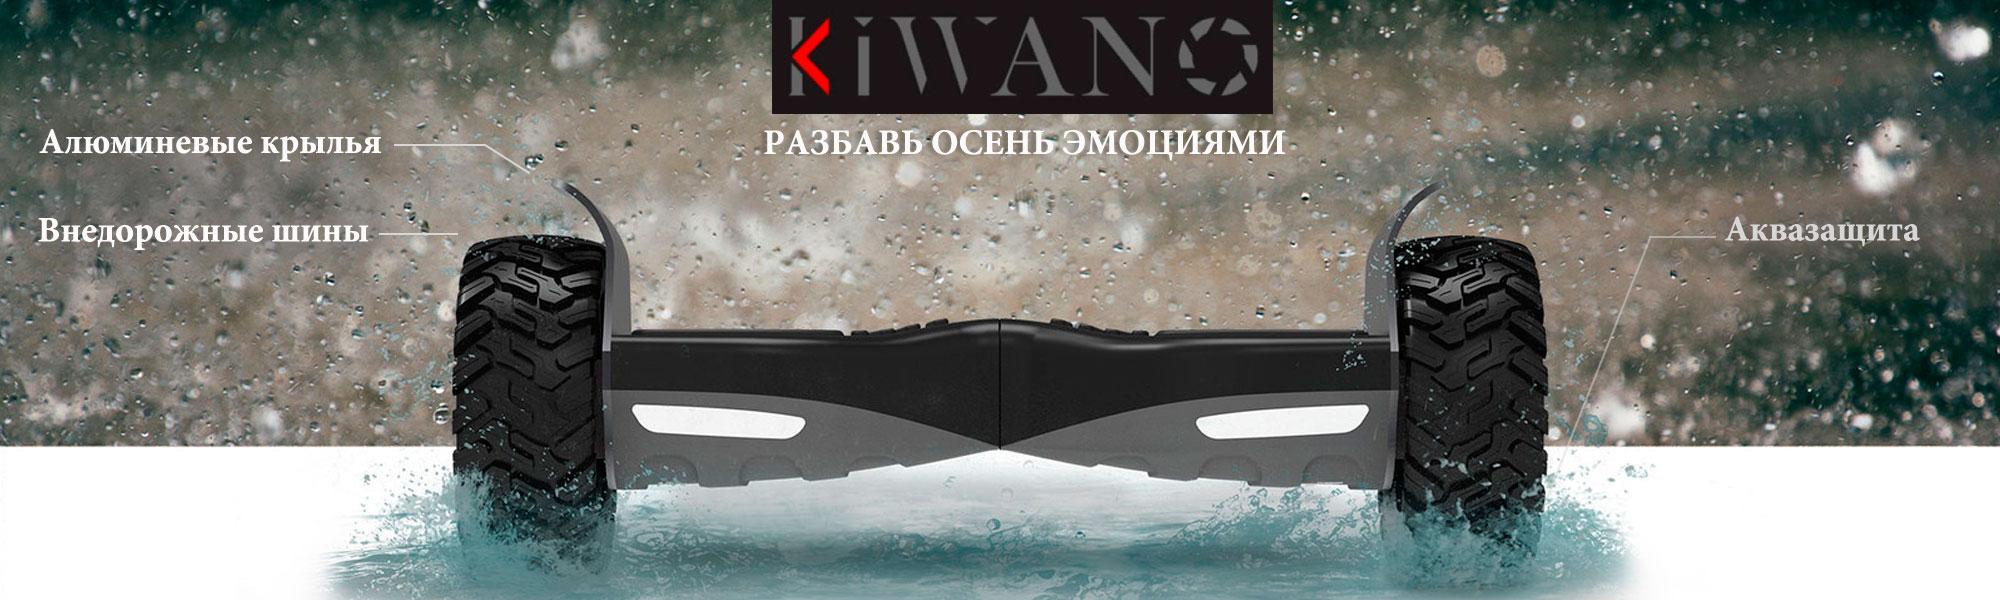 ГИРОСКУТЕР KIWANO